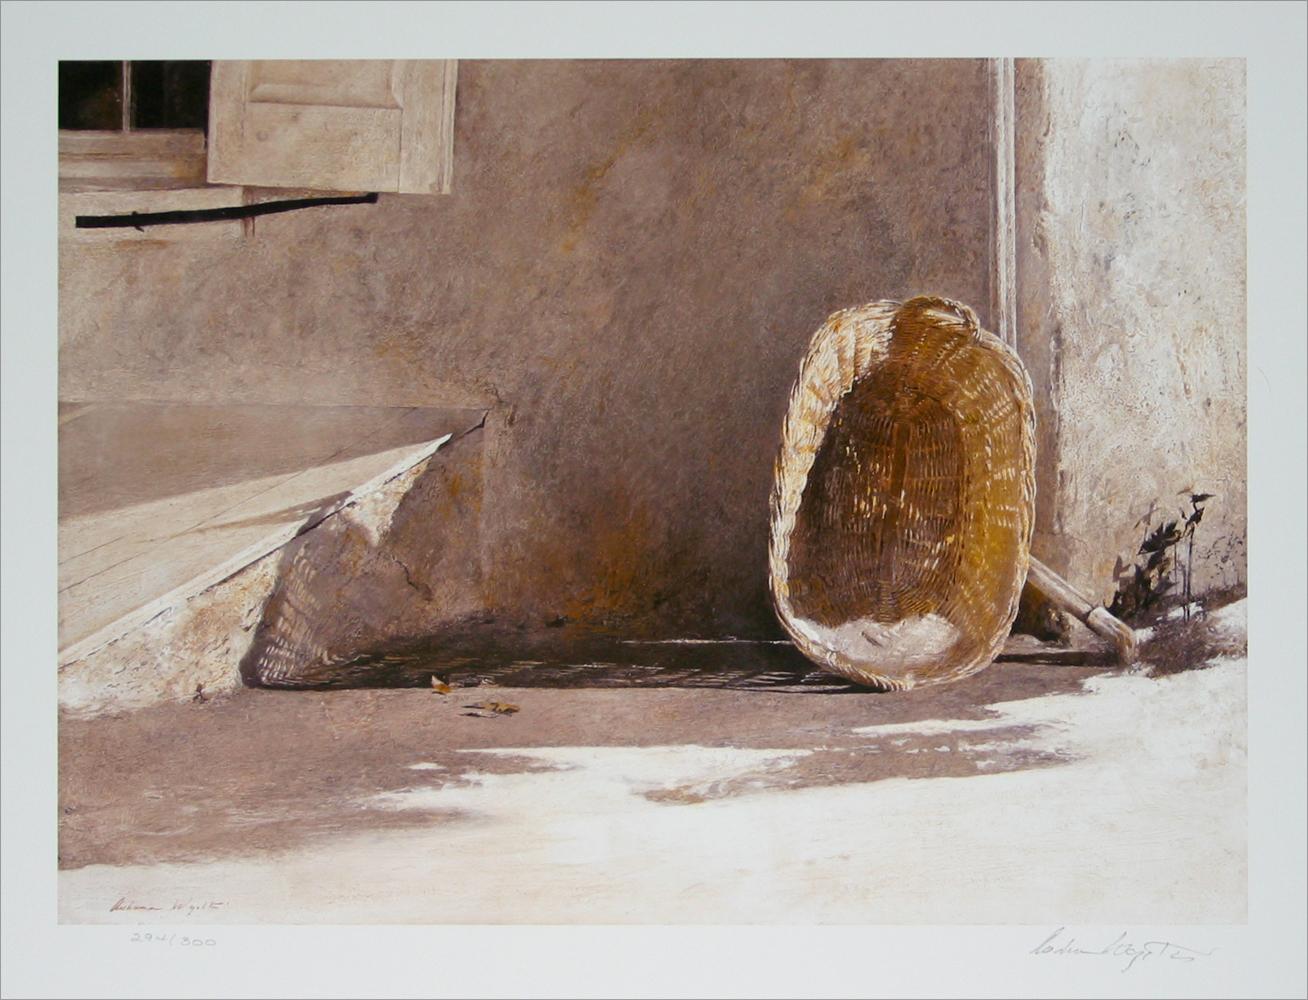 安德鲁·怀斯 Wyeth Andrew - 潮河边人 - 潮河边人博客